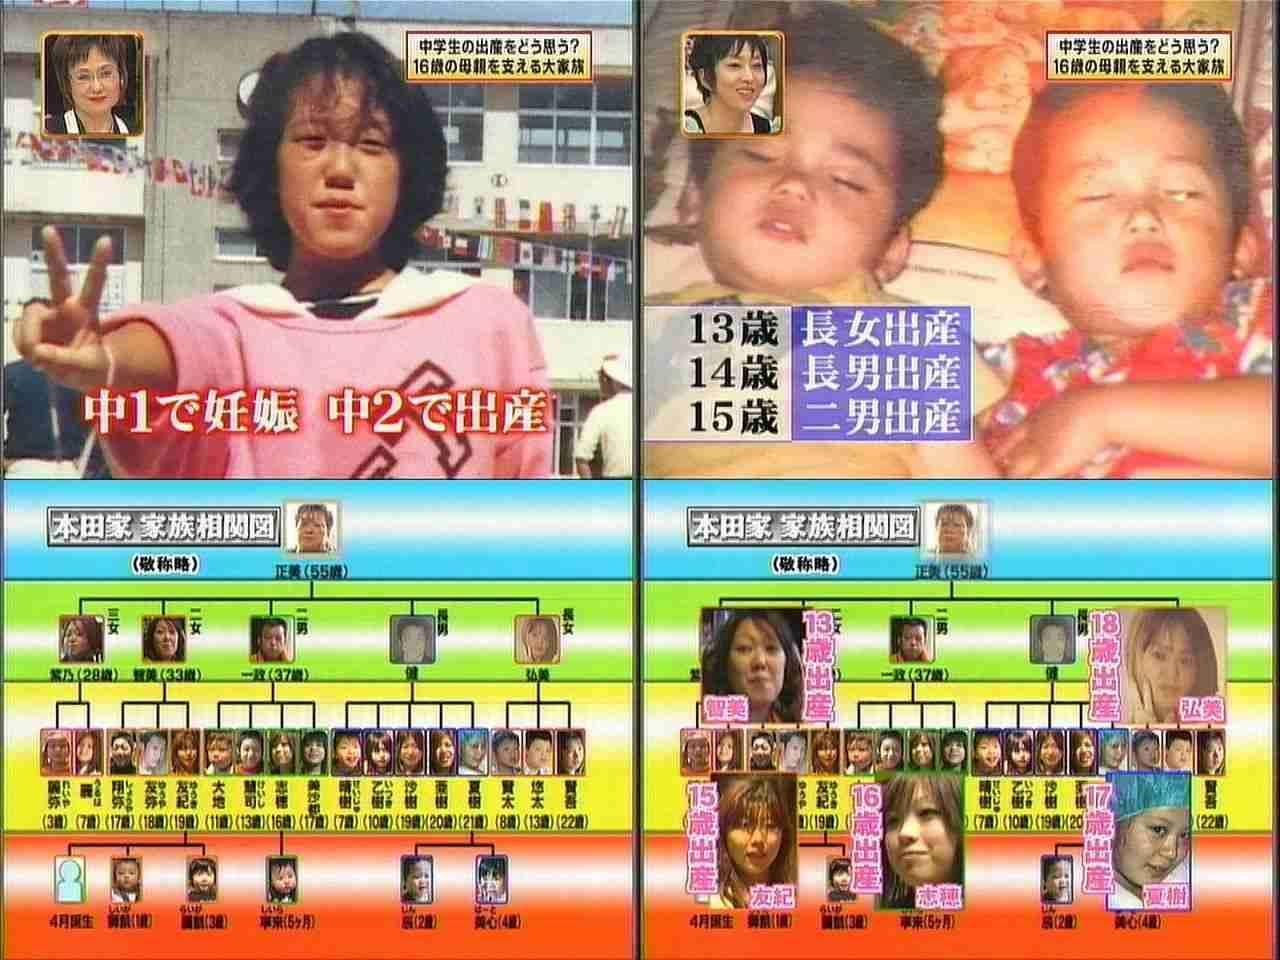 女性が12人目の赤ちゃん出産、「教育費については子どもを多く生んだ人を収入にかかわらず優遇してほしい」門川市長が母親お祝い